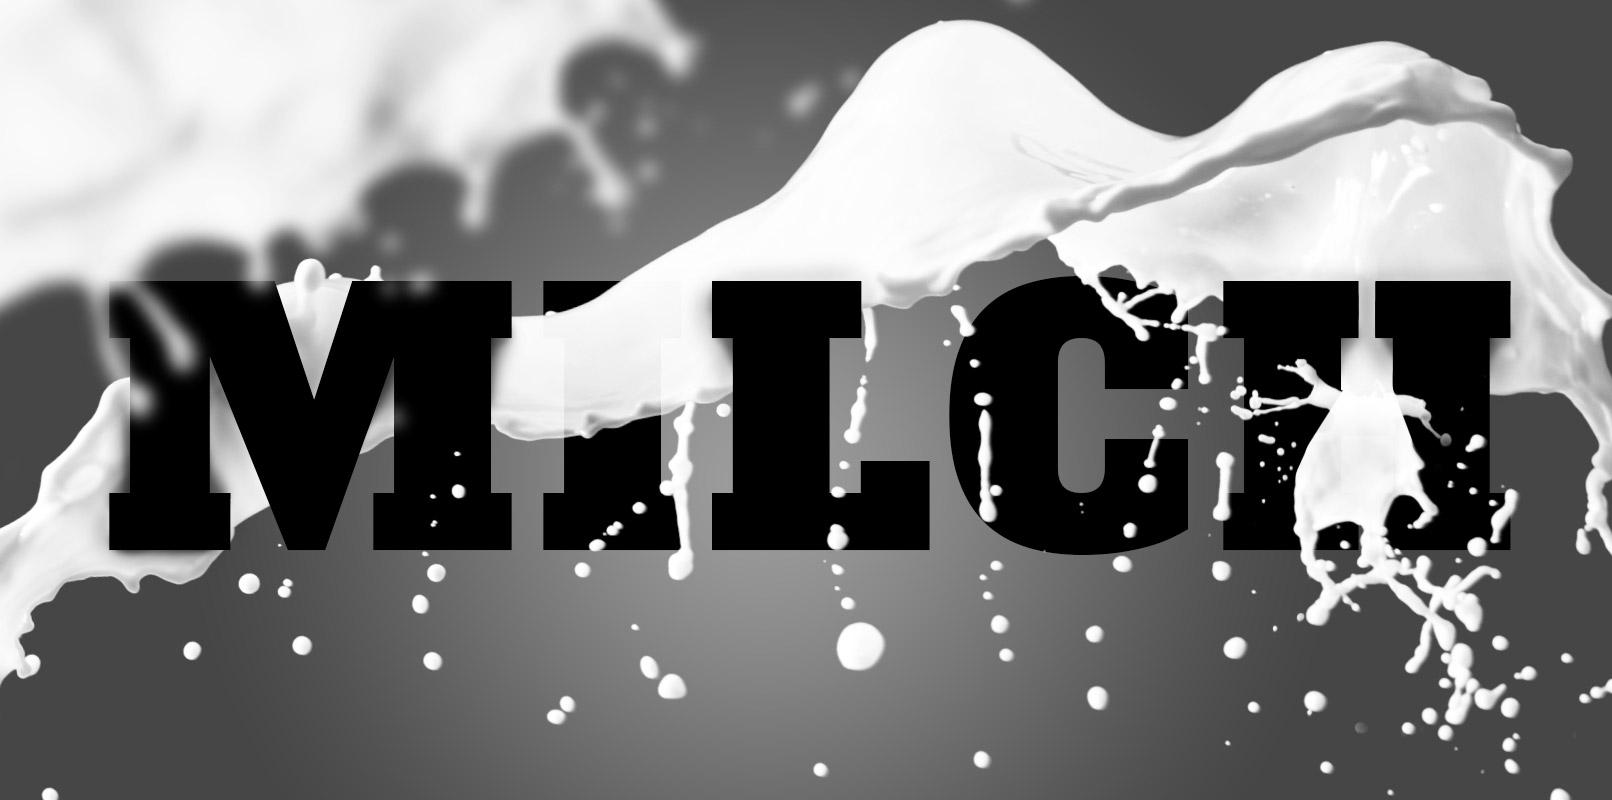 Beispiel zur Anwendung der Pinsel mit dem Schriftzug Milch: Jeder spritzige Splash-Brush hat seinen eigenen Charakter.